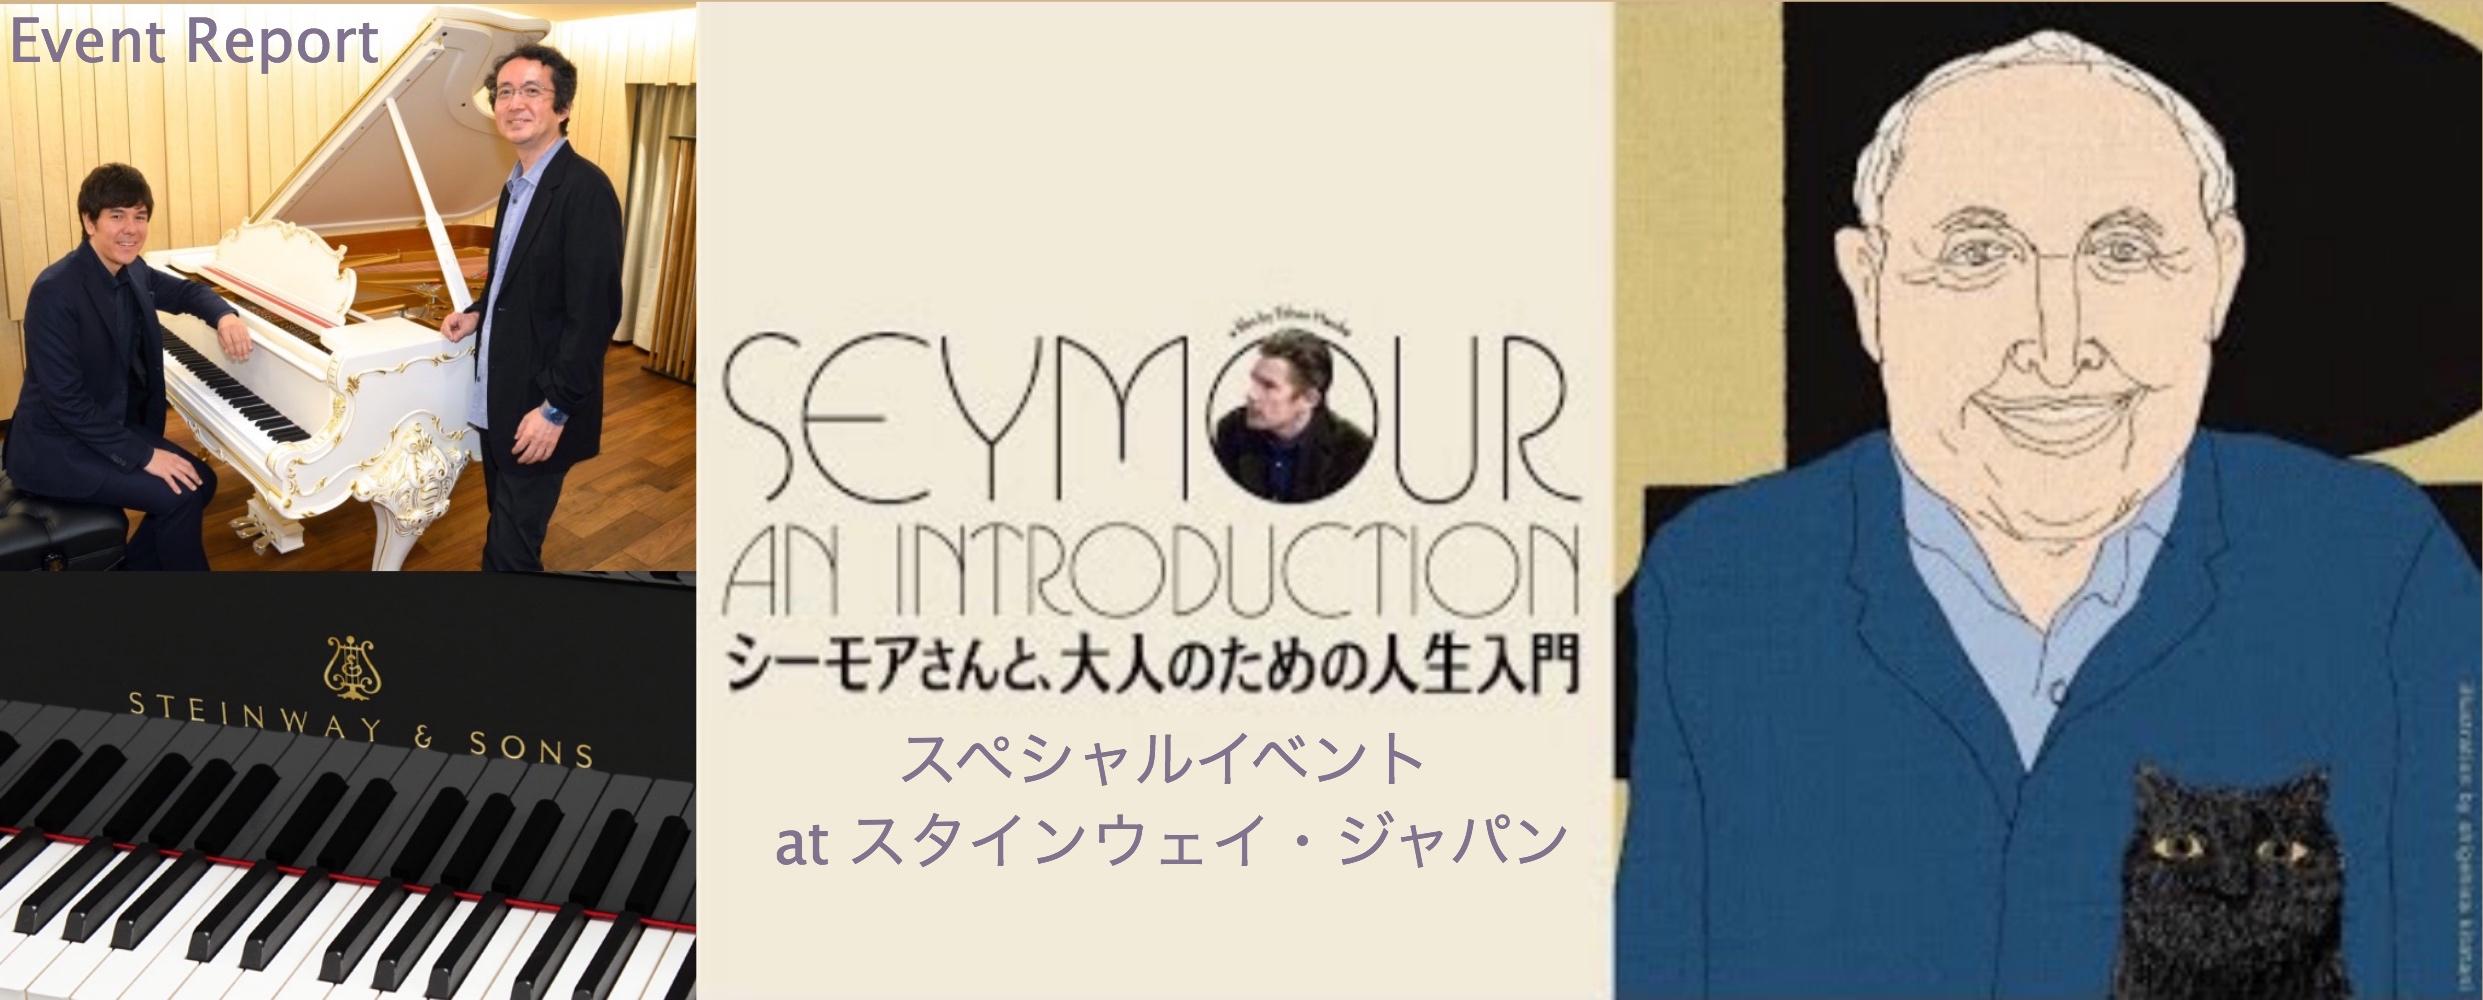 『シーモアさんと、大人のための人生入門』 スペシャルイベント at スタインウェイ・ジャパン